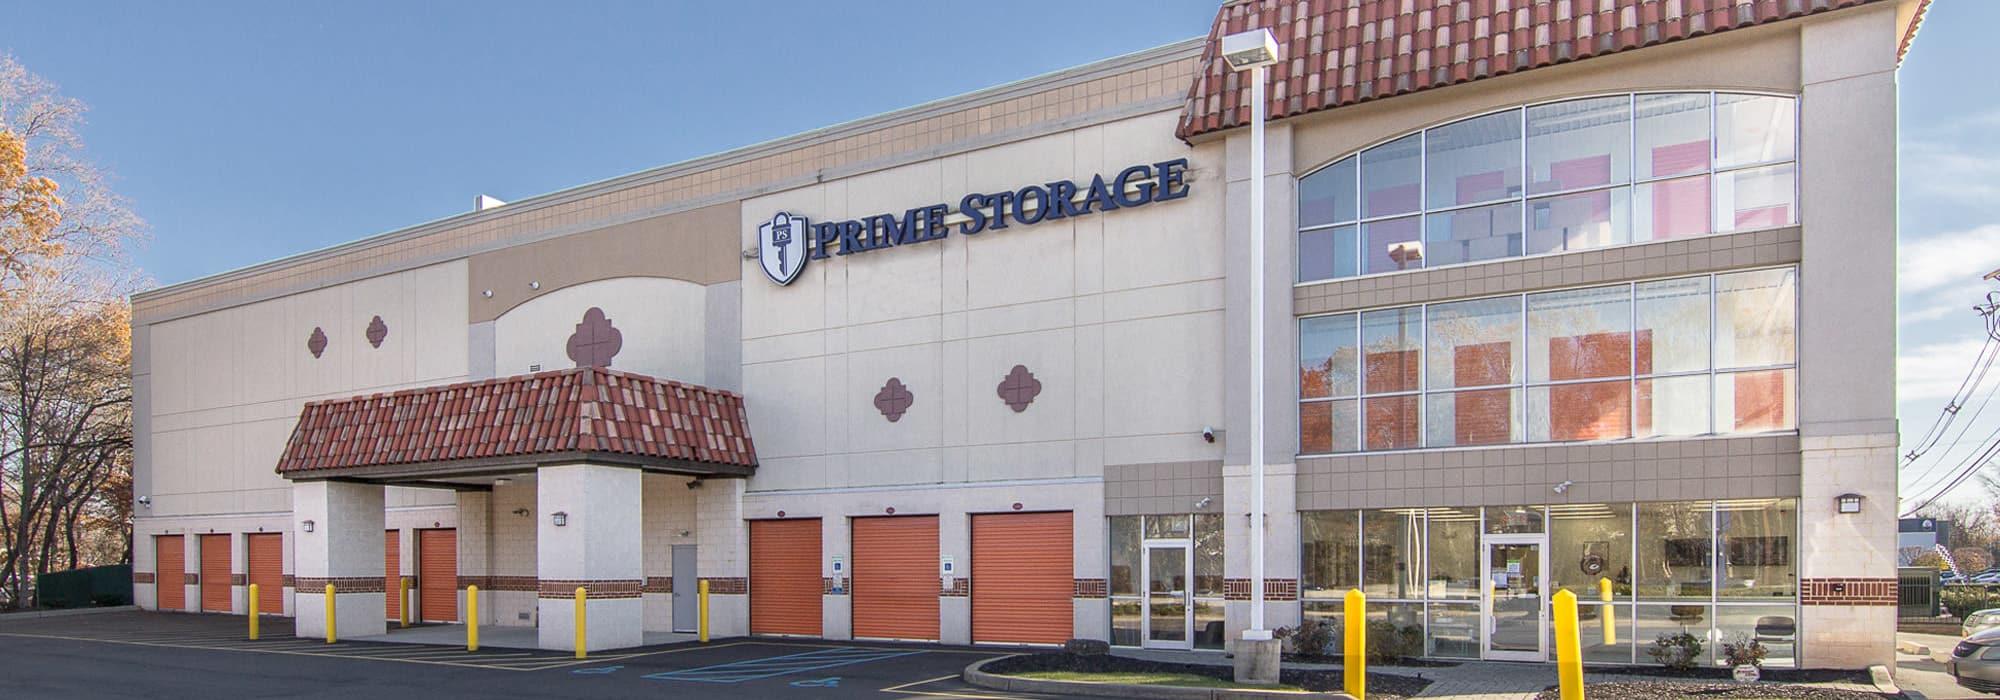 Prime Storage in Upper Darby, PA